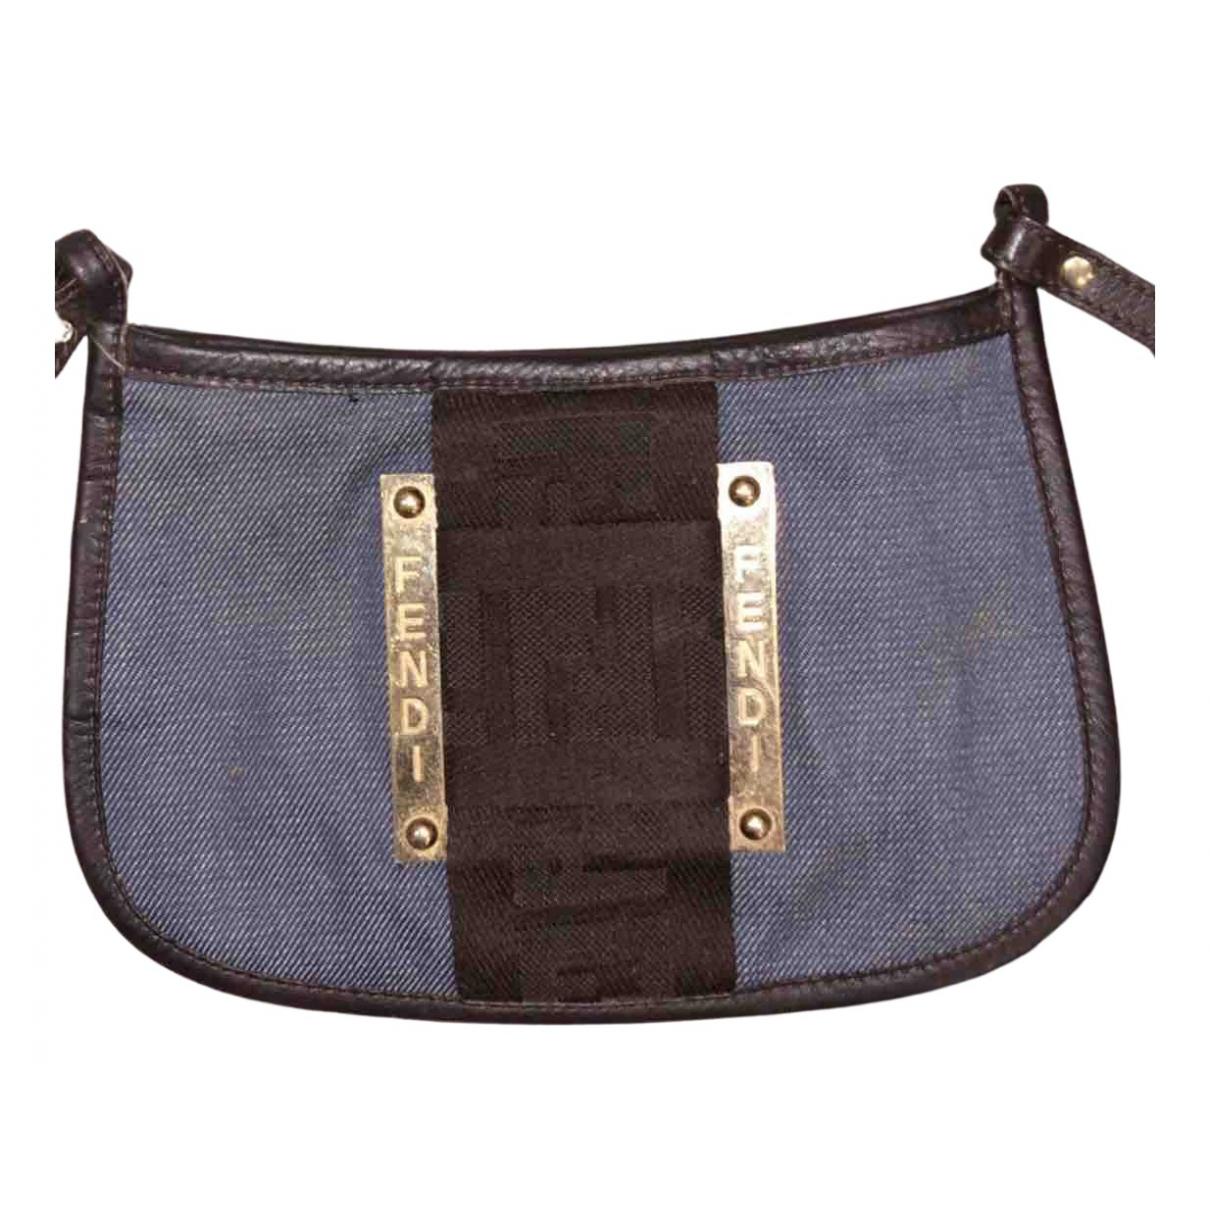 Fendi N Denim - Jeans handbag for Women N